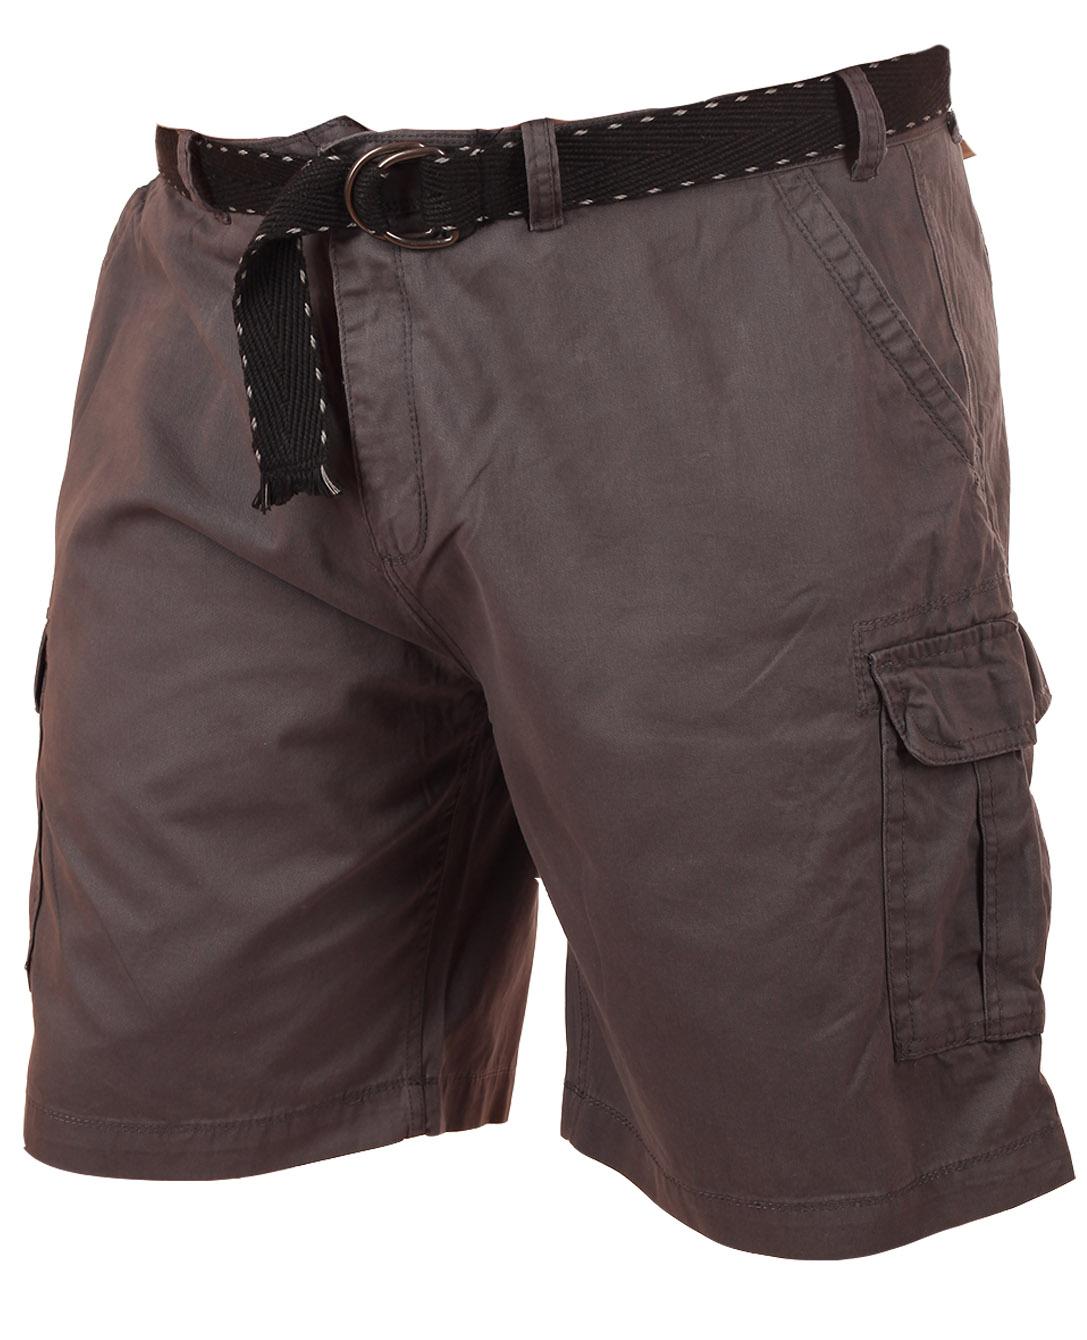 Мужские шорты большого размера высокого качества